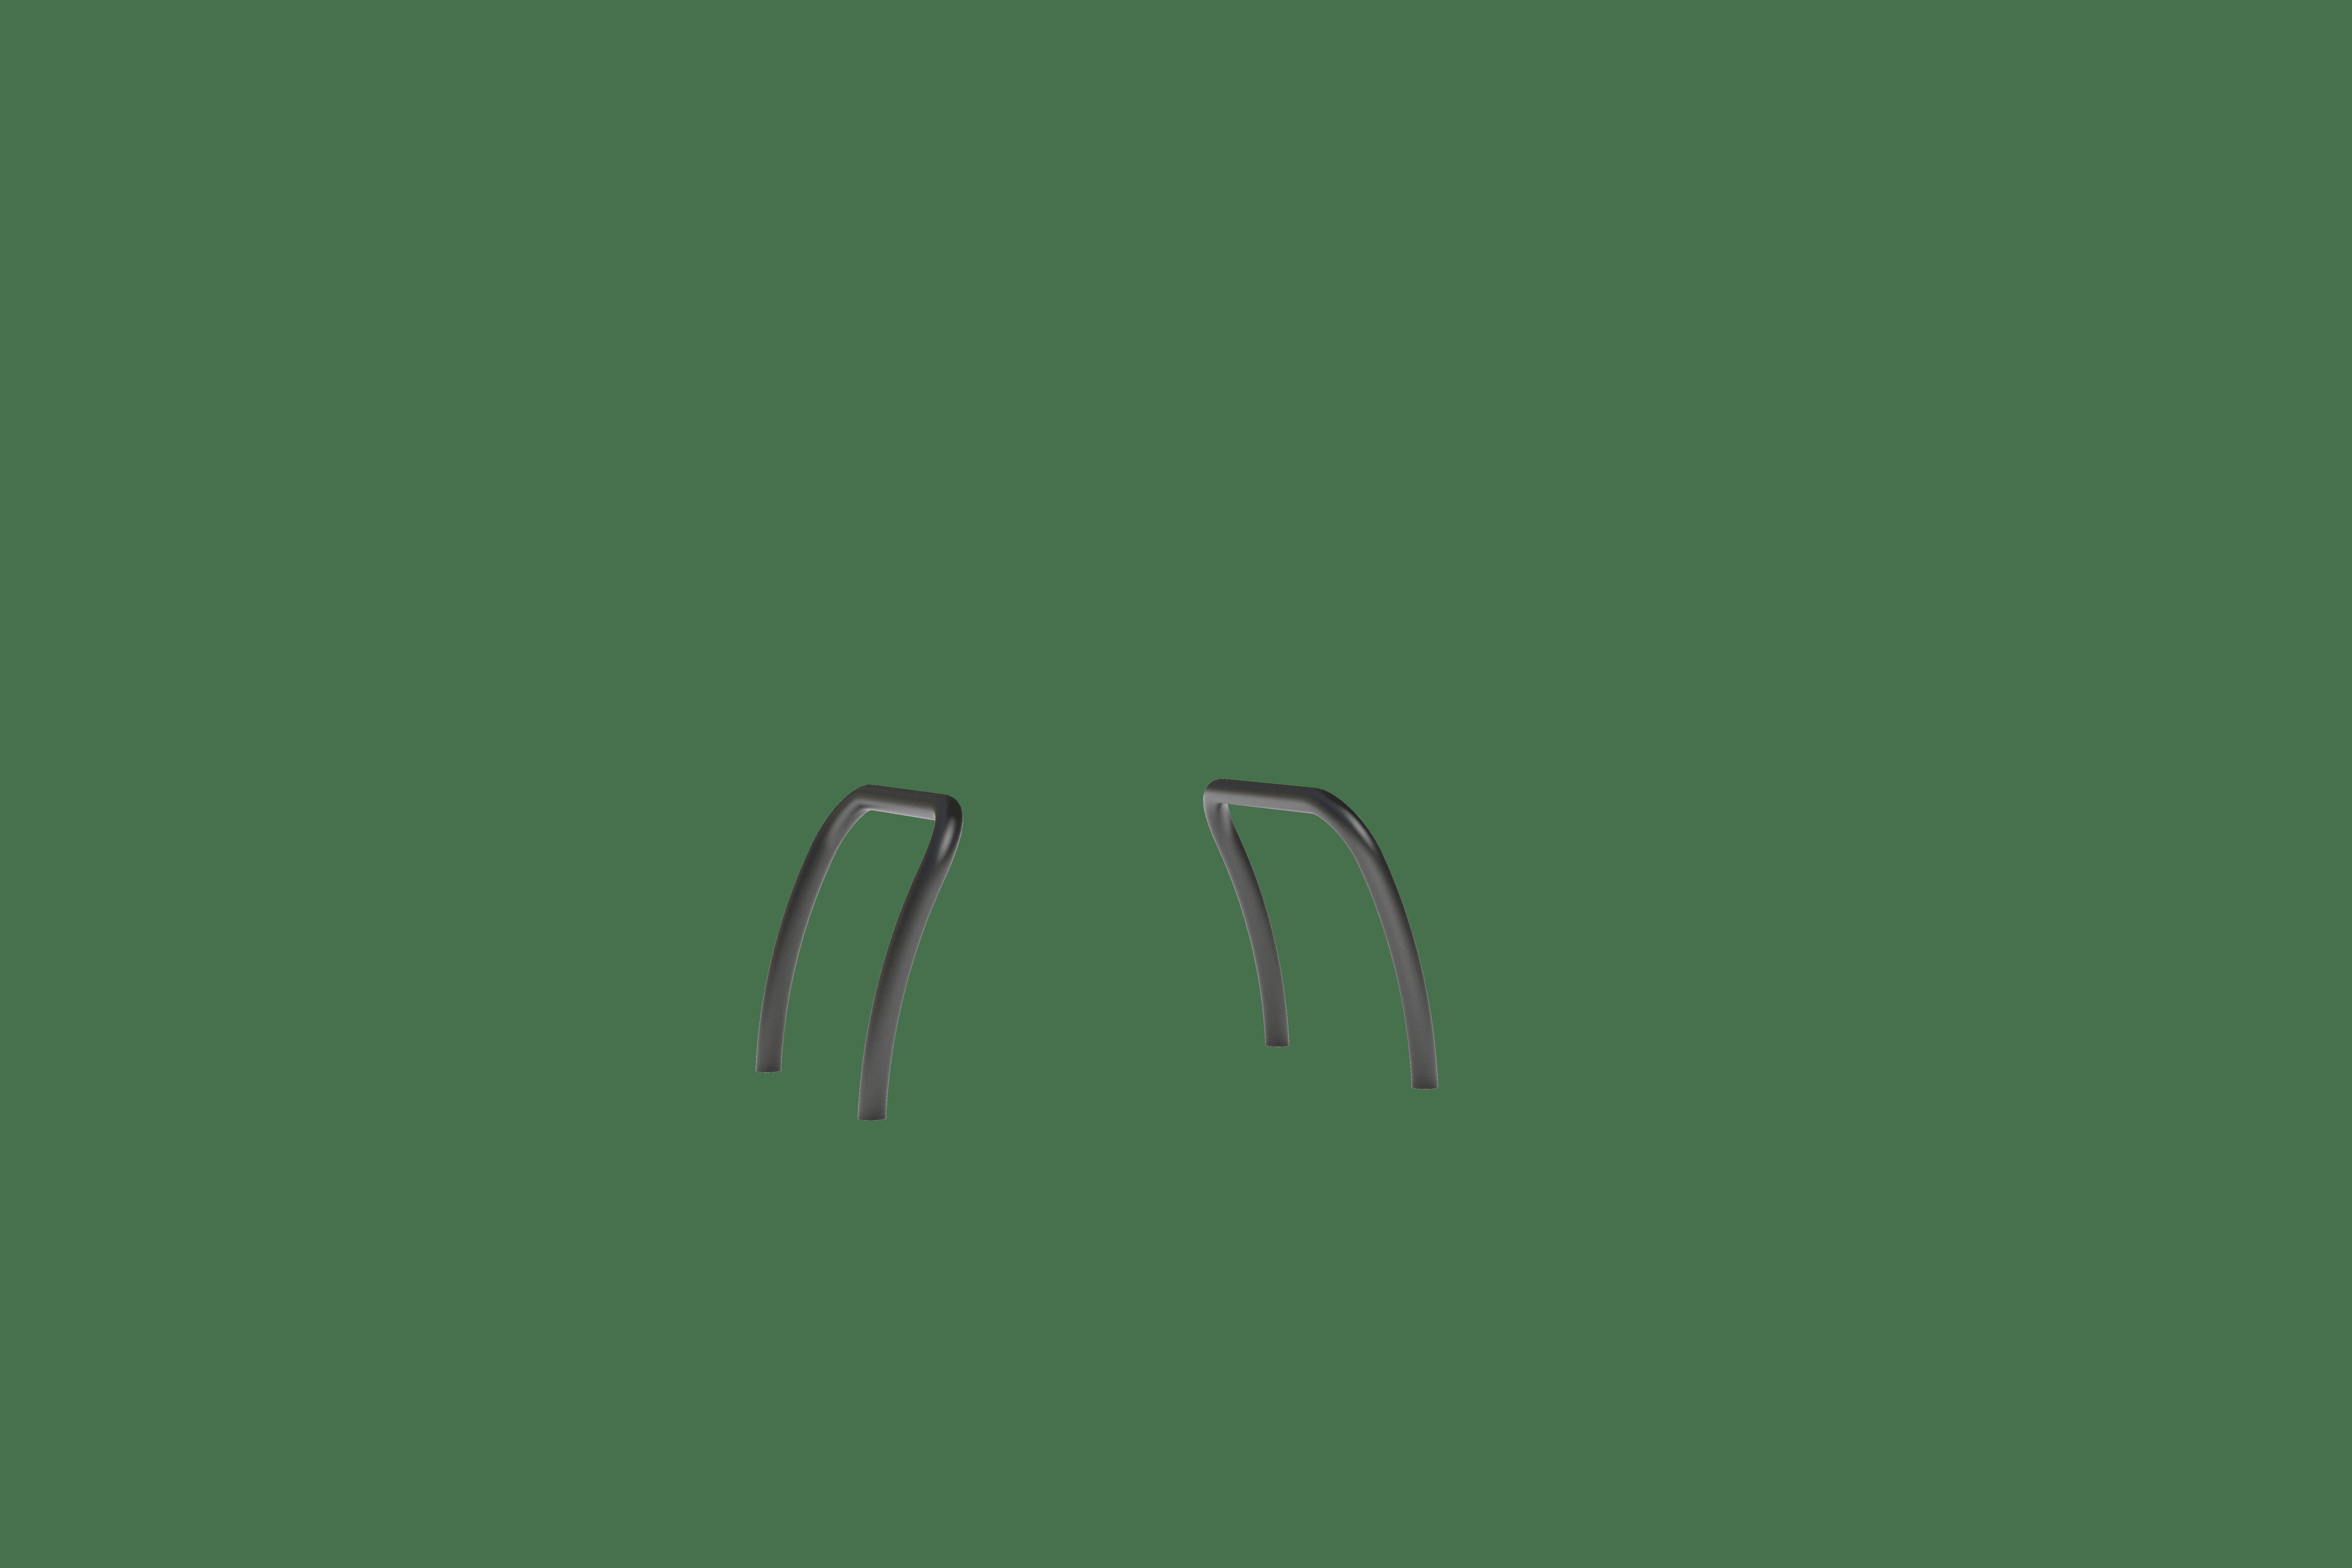 Flotte udendørs træningsredskaber calisthenics spire mini parallel